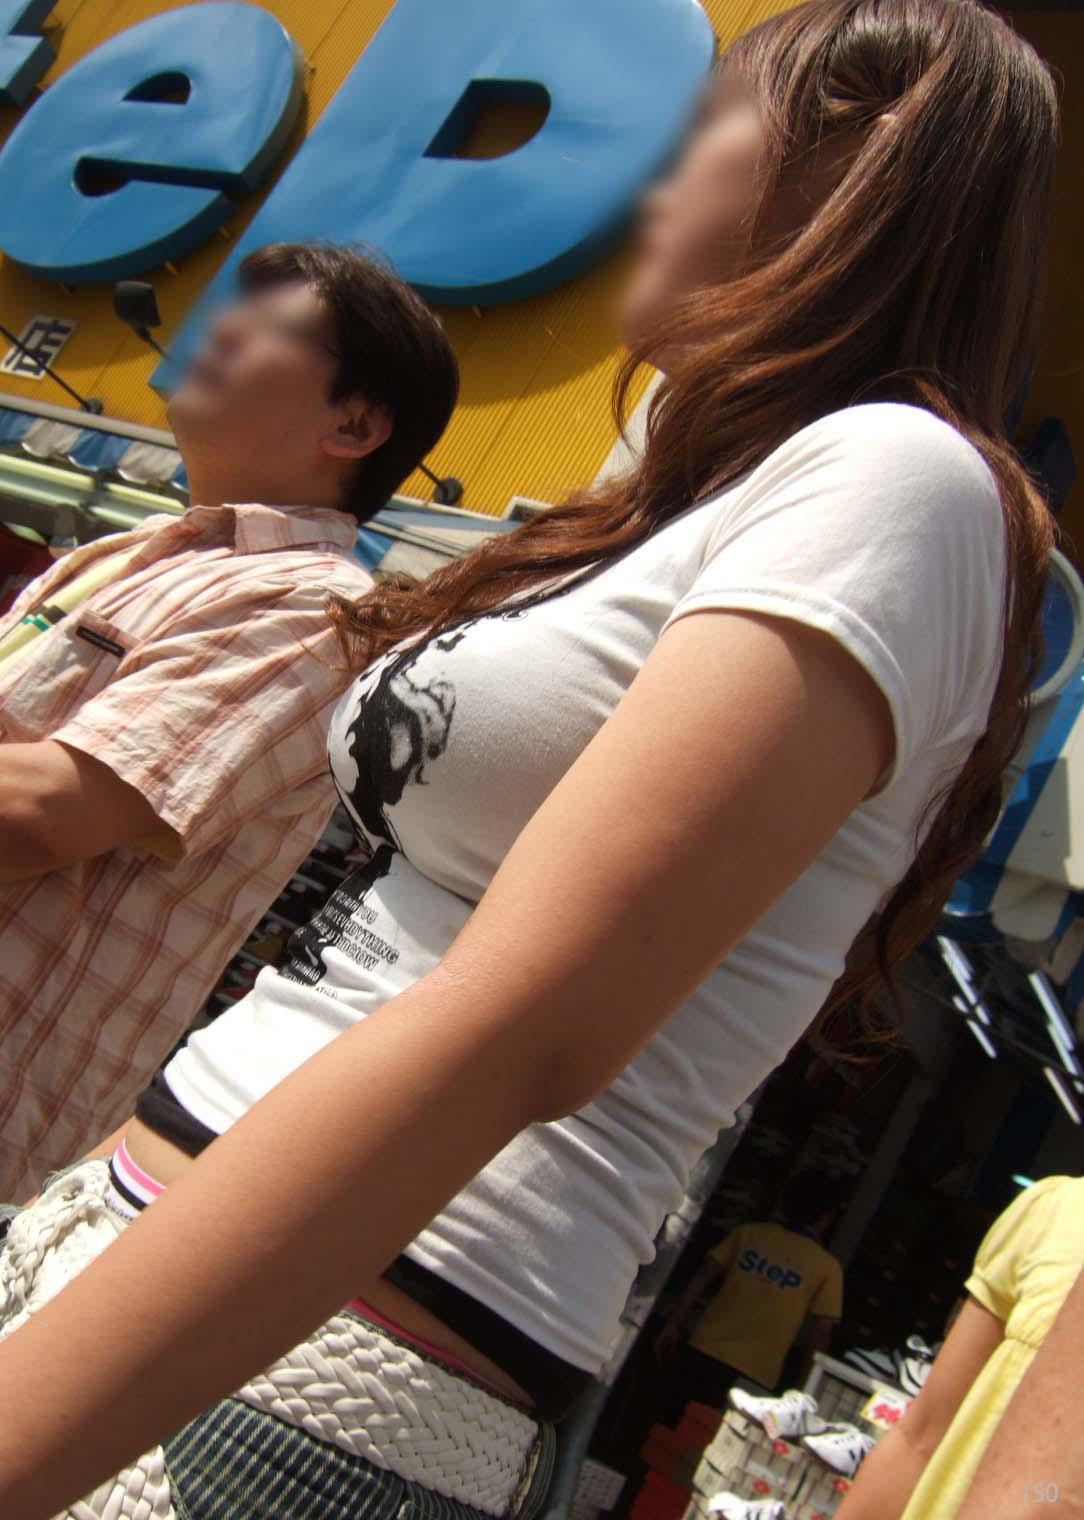 【街撮り巨乳画像】すれ違い様に横向いたらおおっ!声出そうになる着衣巨乳を観察www 07